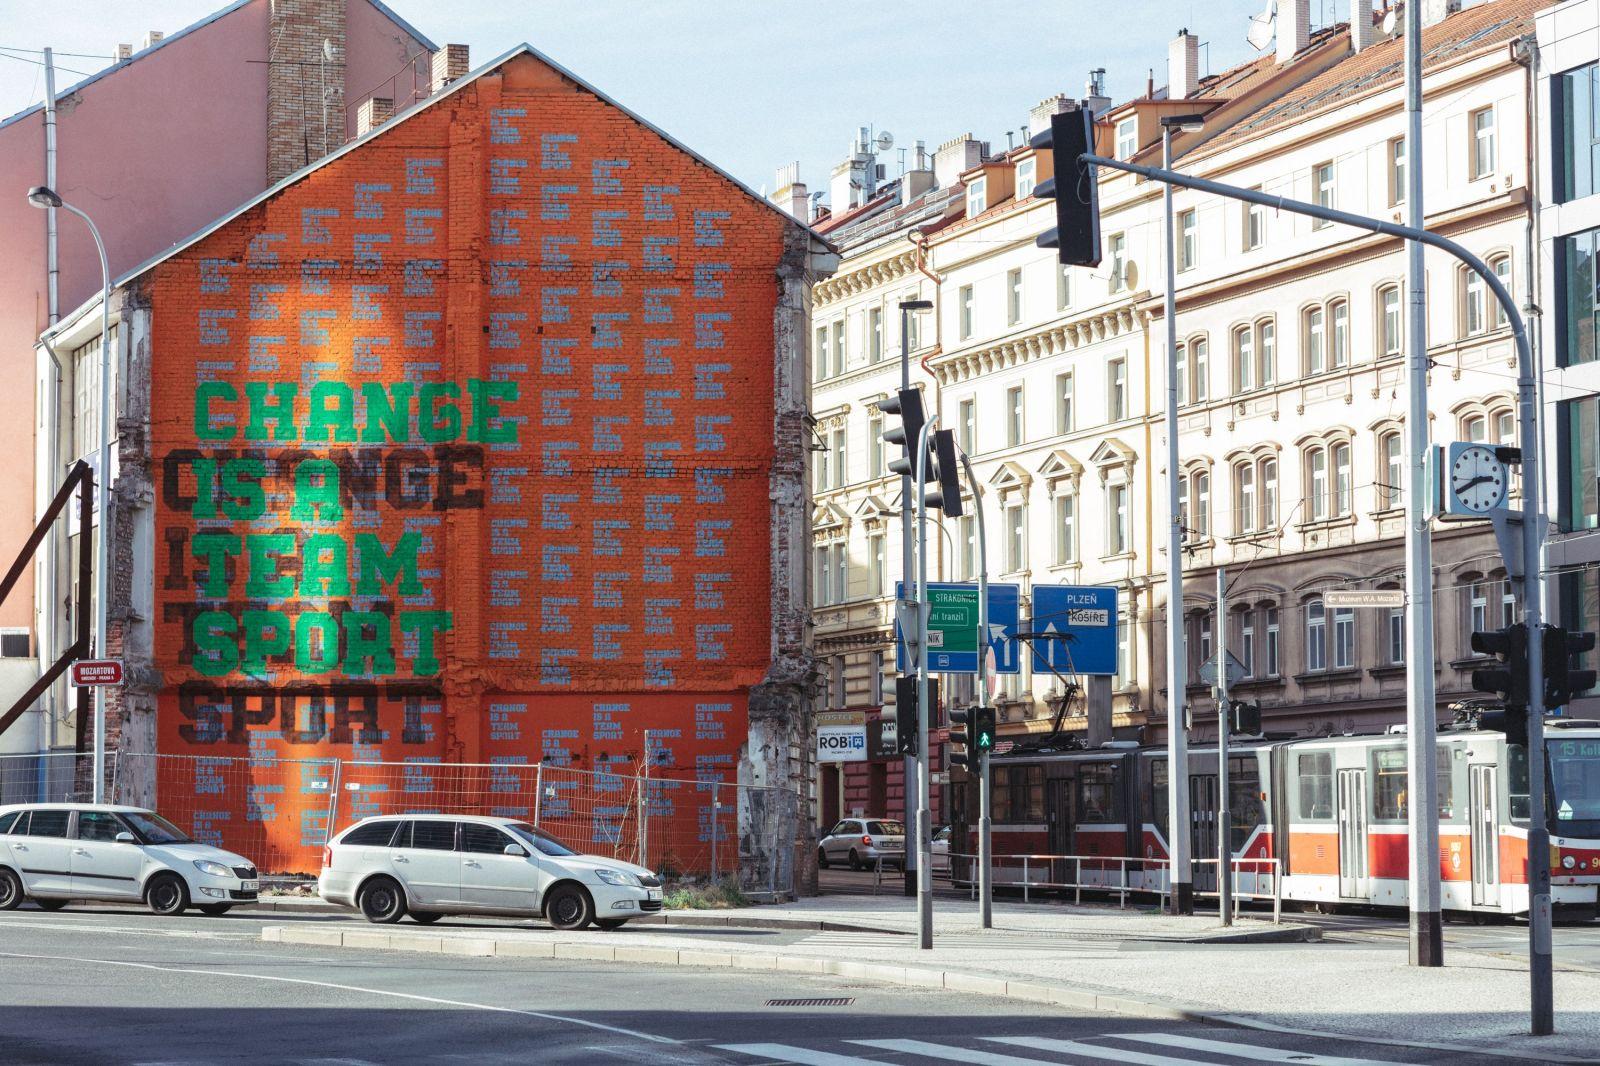 adidas mení v spolupráci s Lousy Auberom ulice Prahy na jednu veľkú umeleckú inštaláciu (Reportáž)